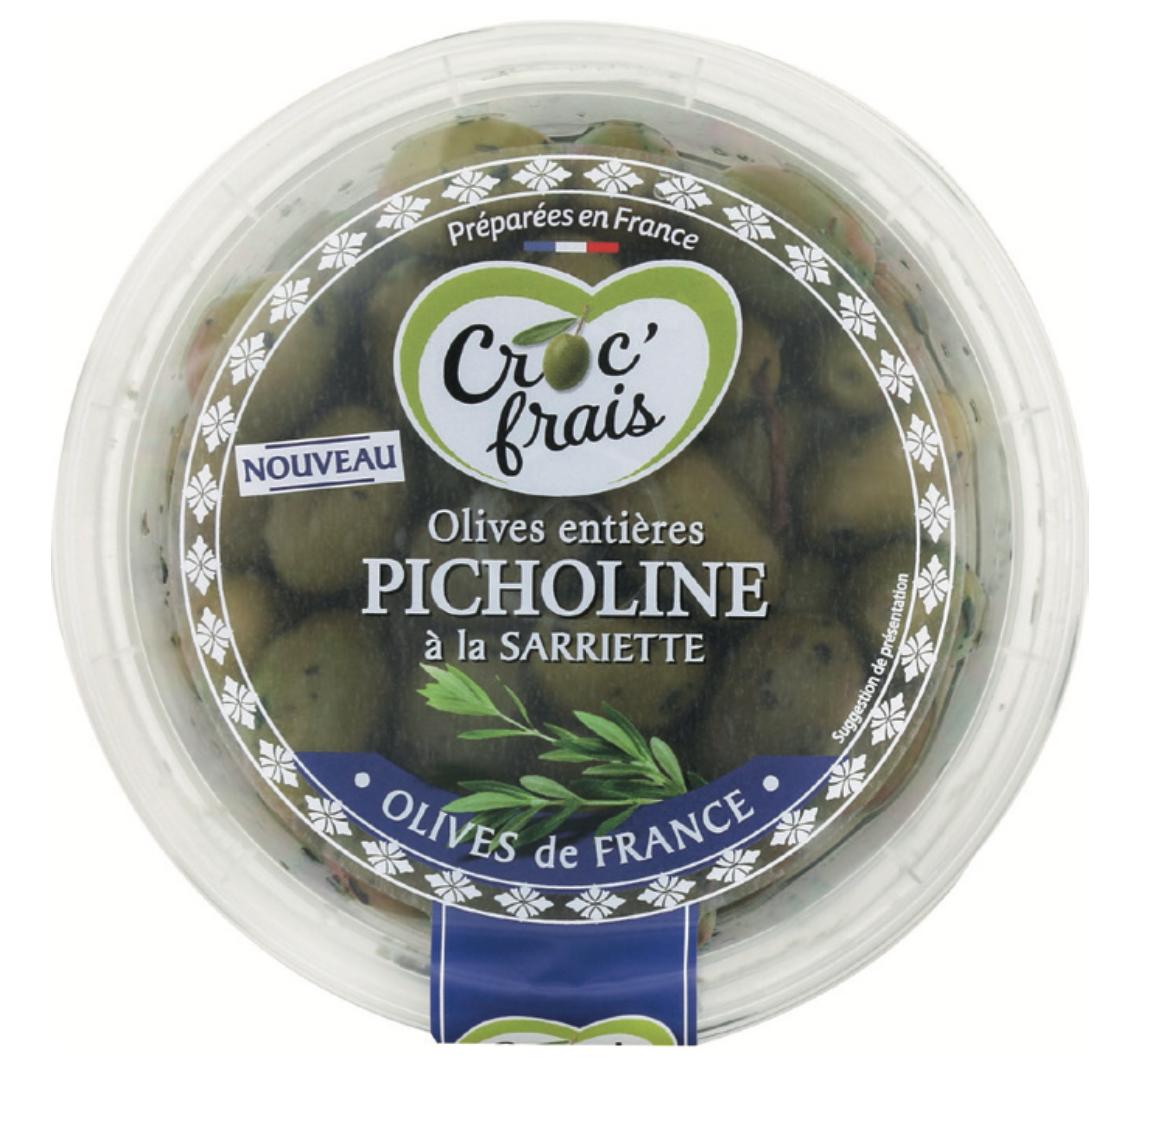 Capture d'écran 2020 04 07 à 15.15.56 - Les nouvelles recettes d'olives fraîches Croc'Frais